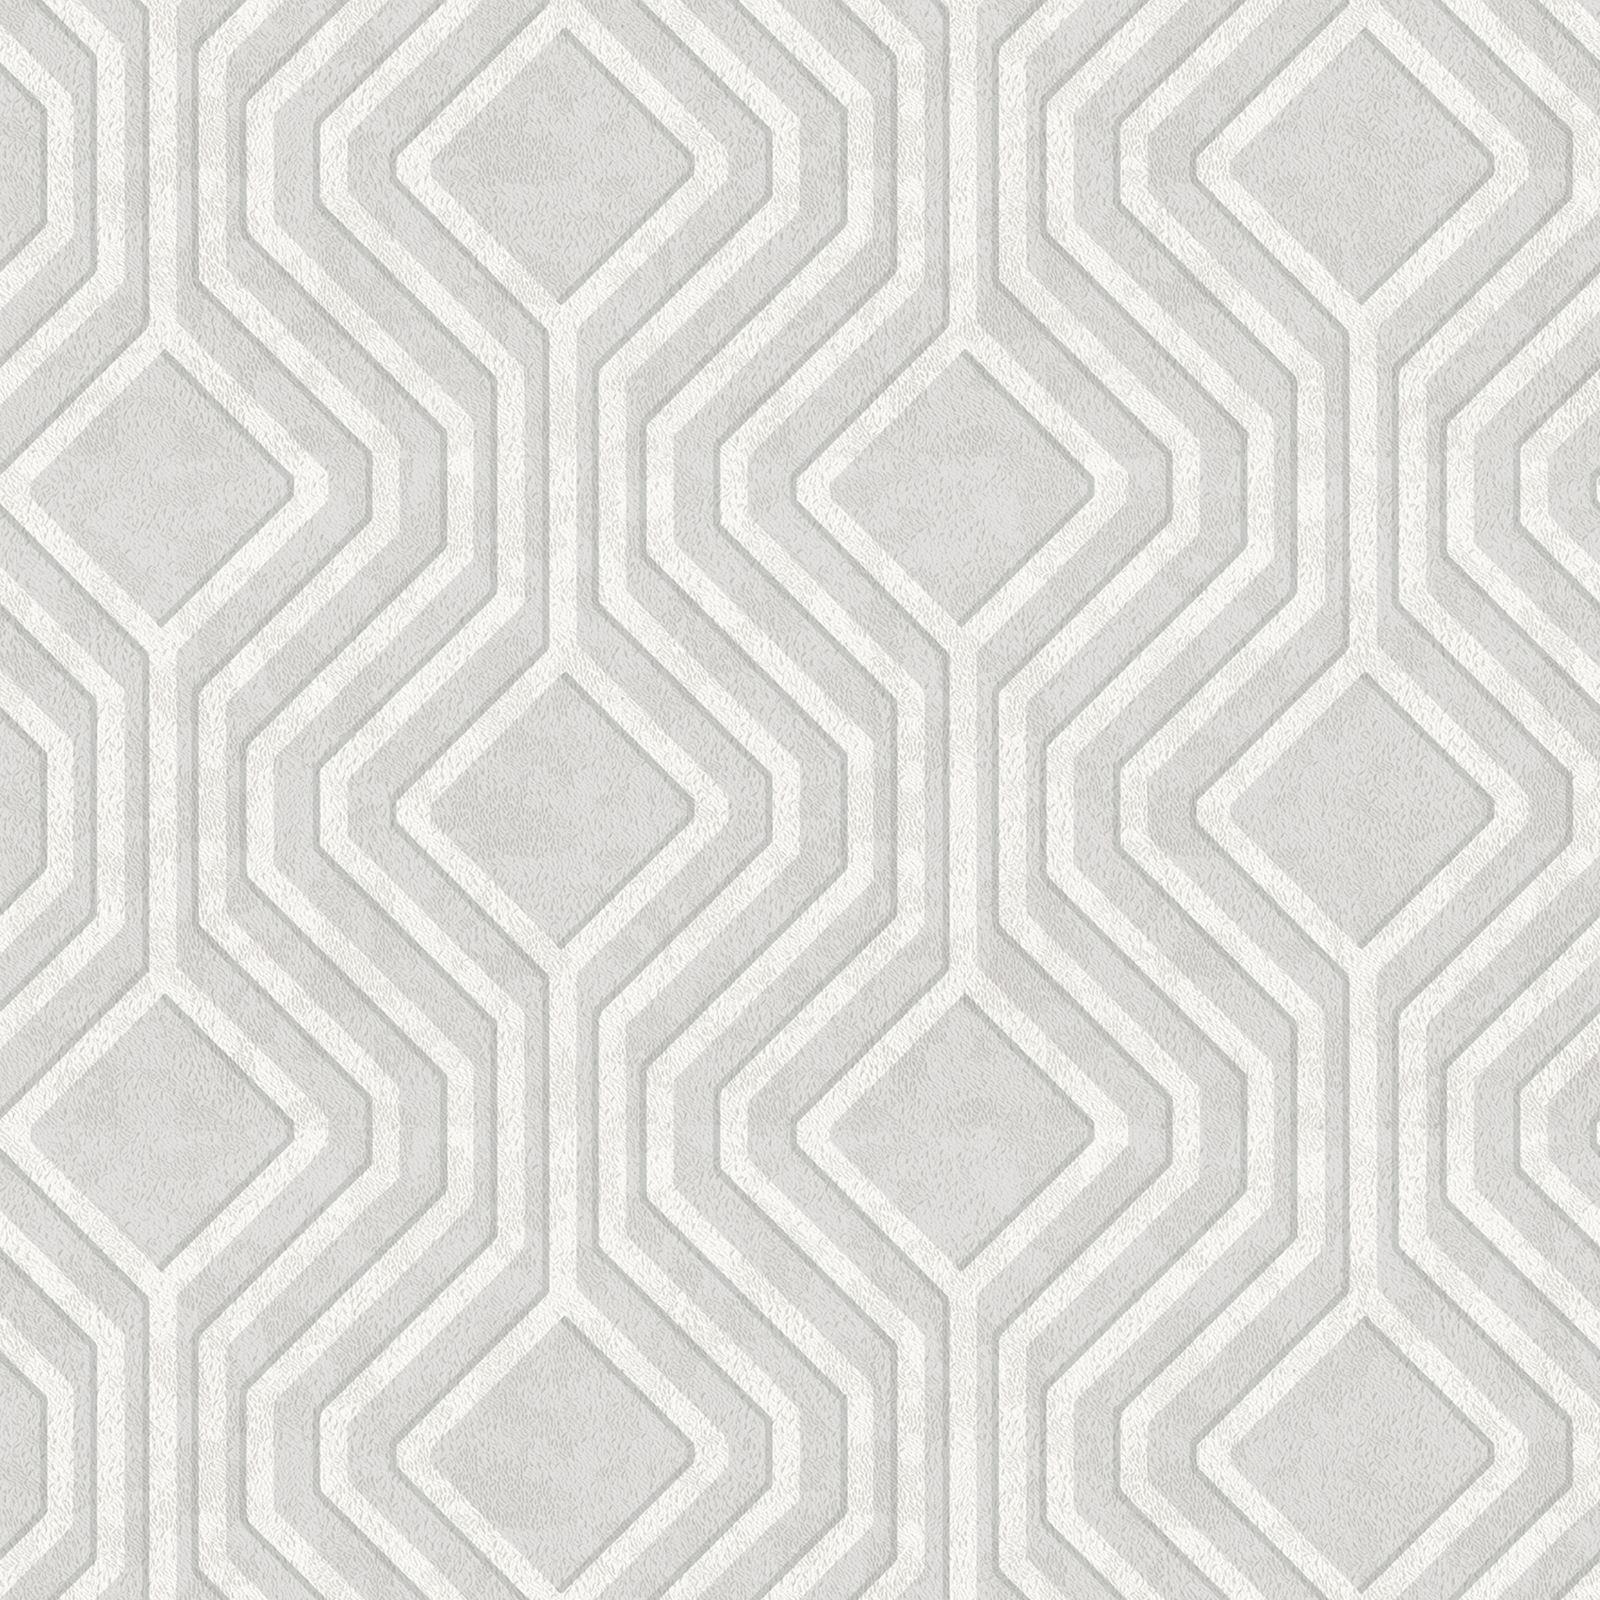 papier peint g om trique paillet metalique chevron toiles diamant treillage ebay. Black Bedroom Furniture Sets. Home Design Ideas